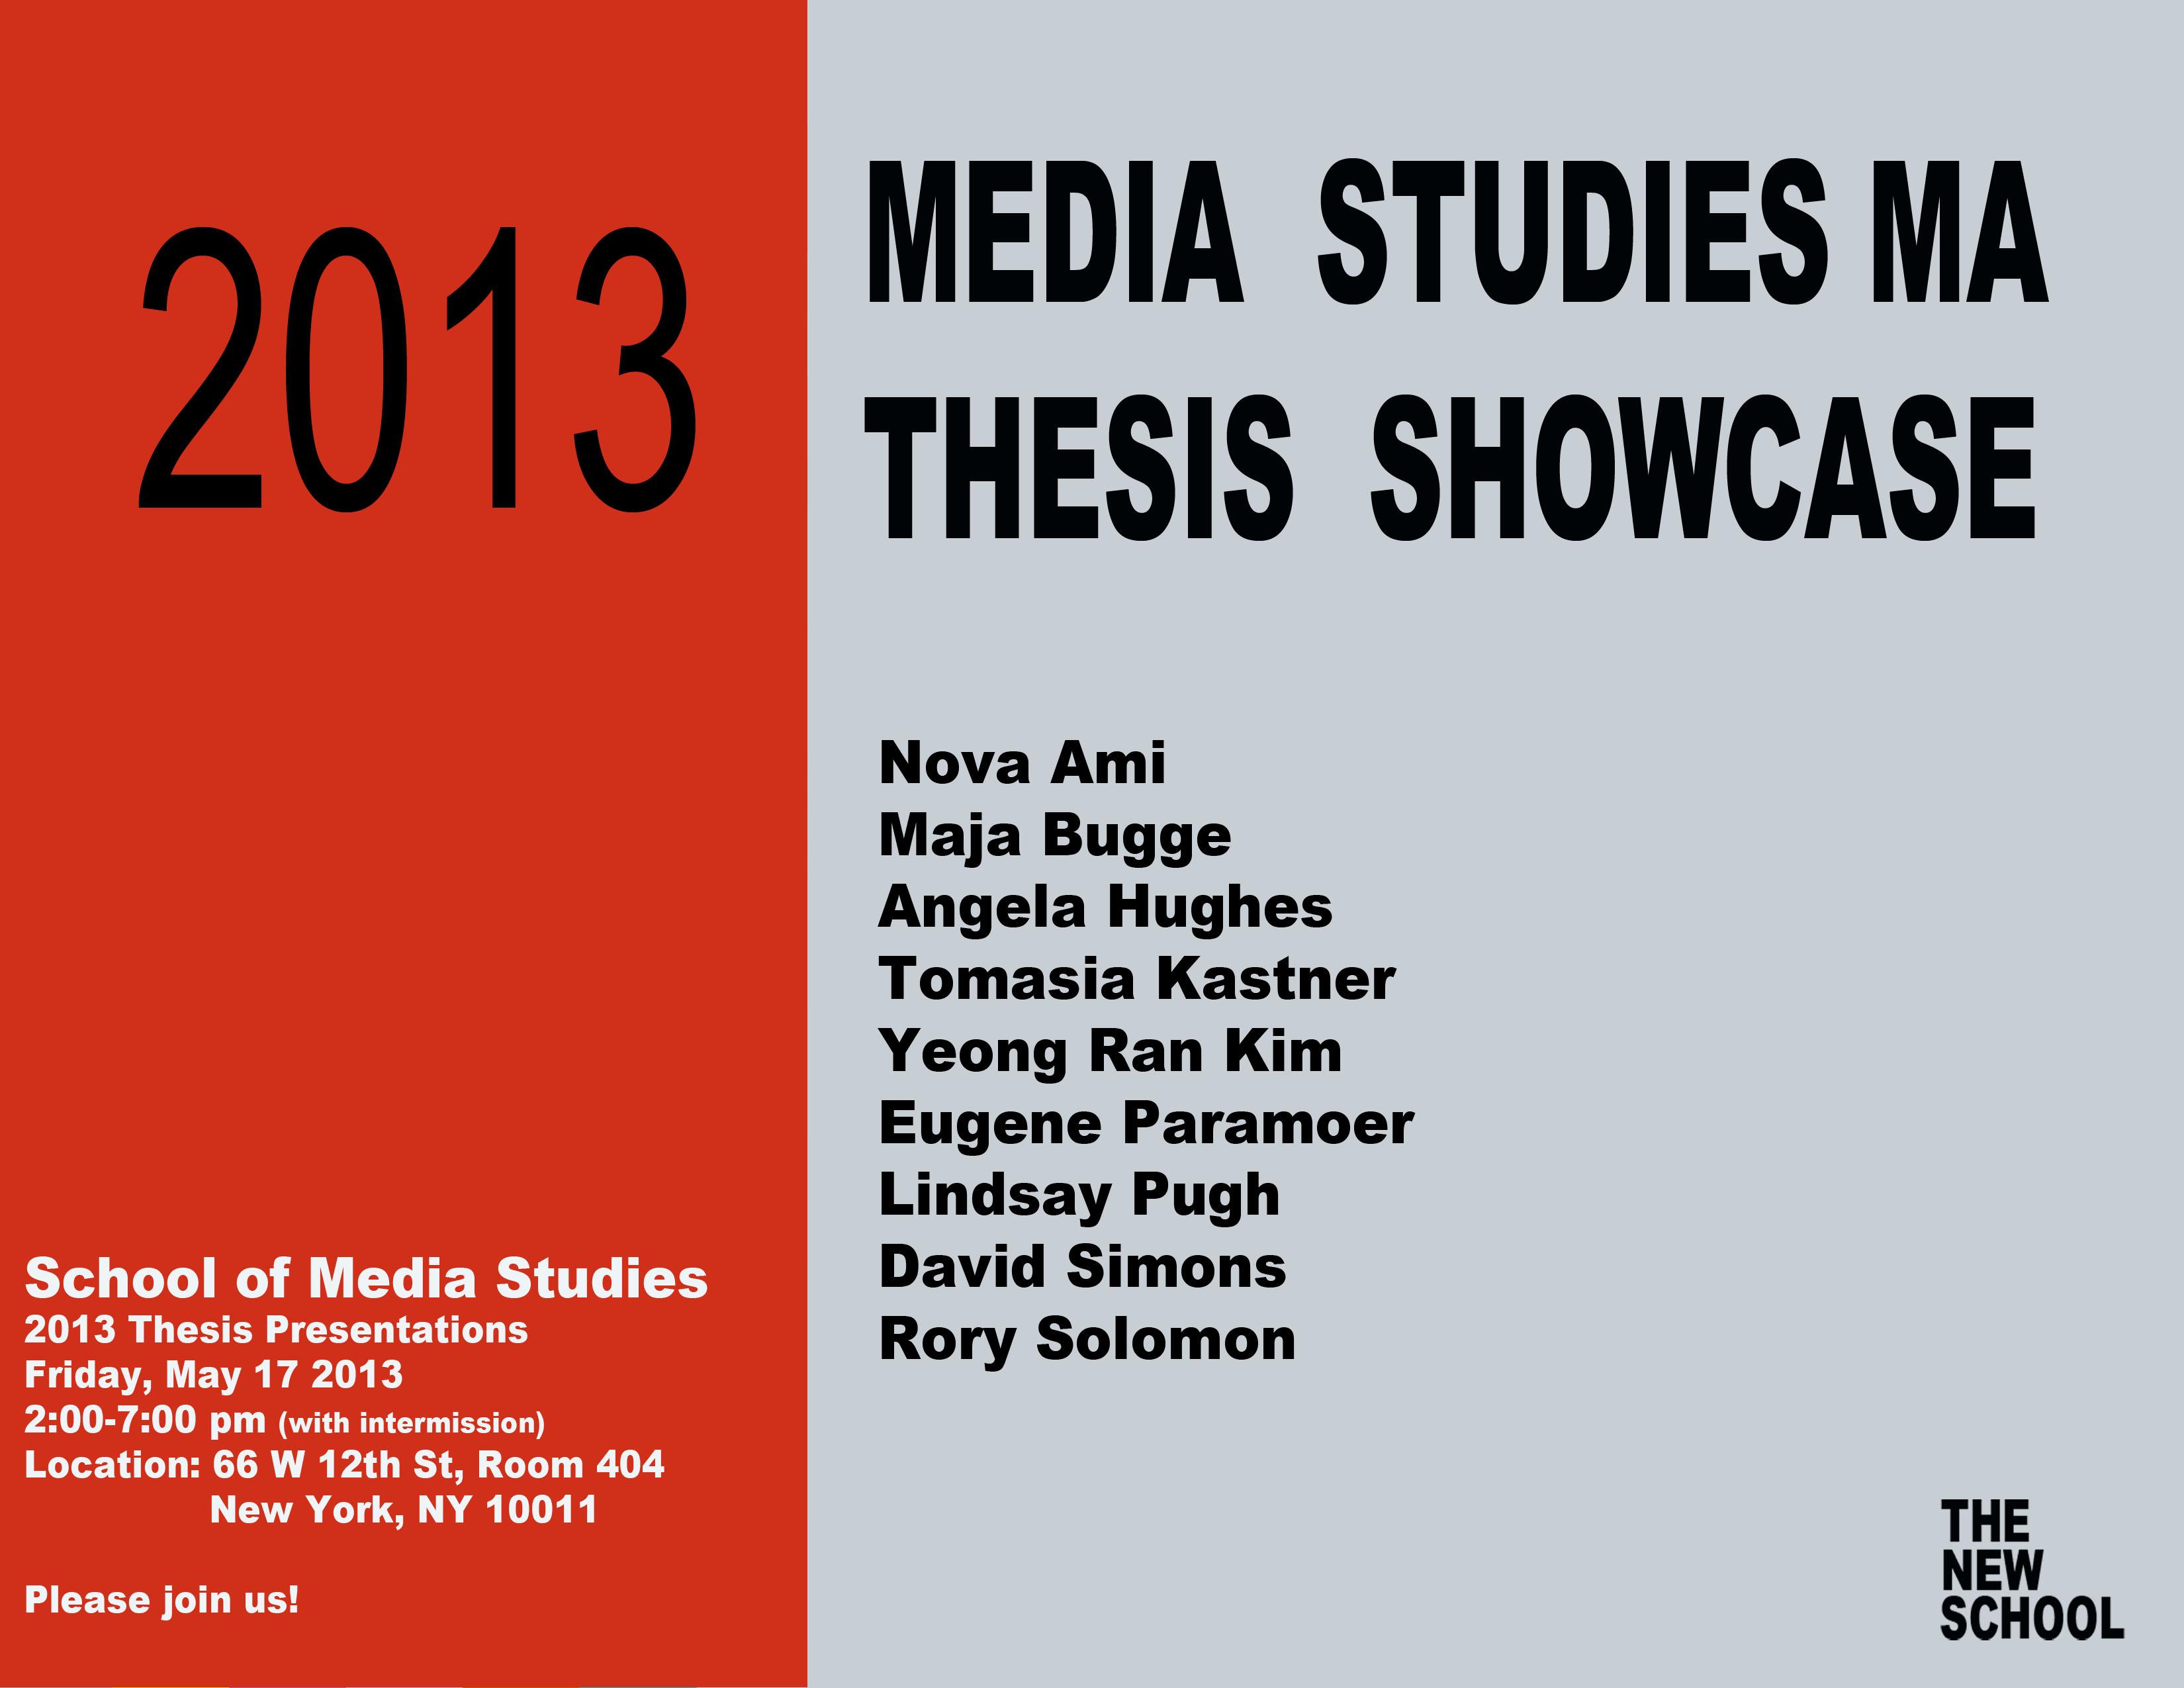 thesis on media studies